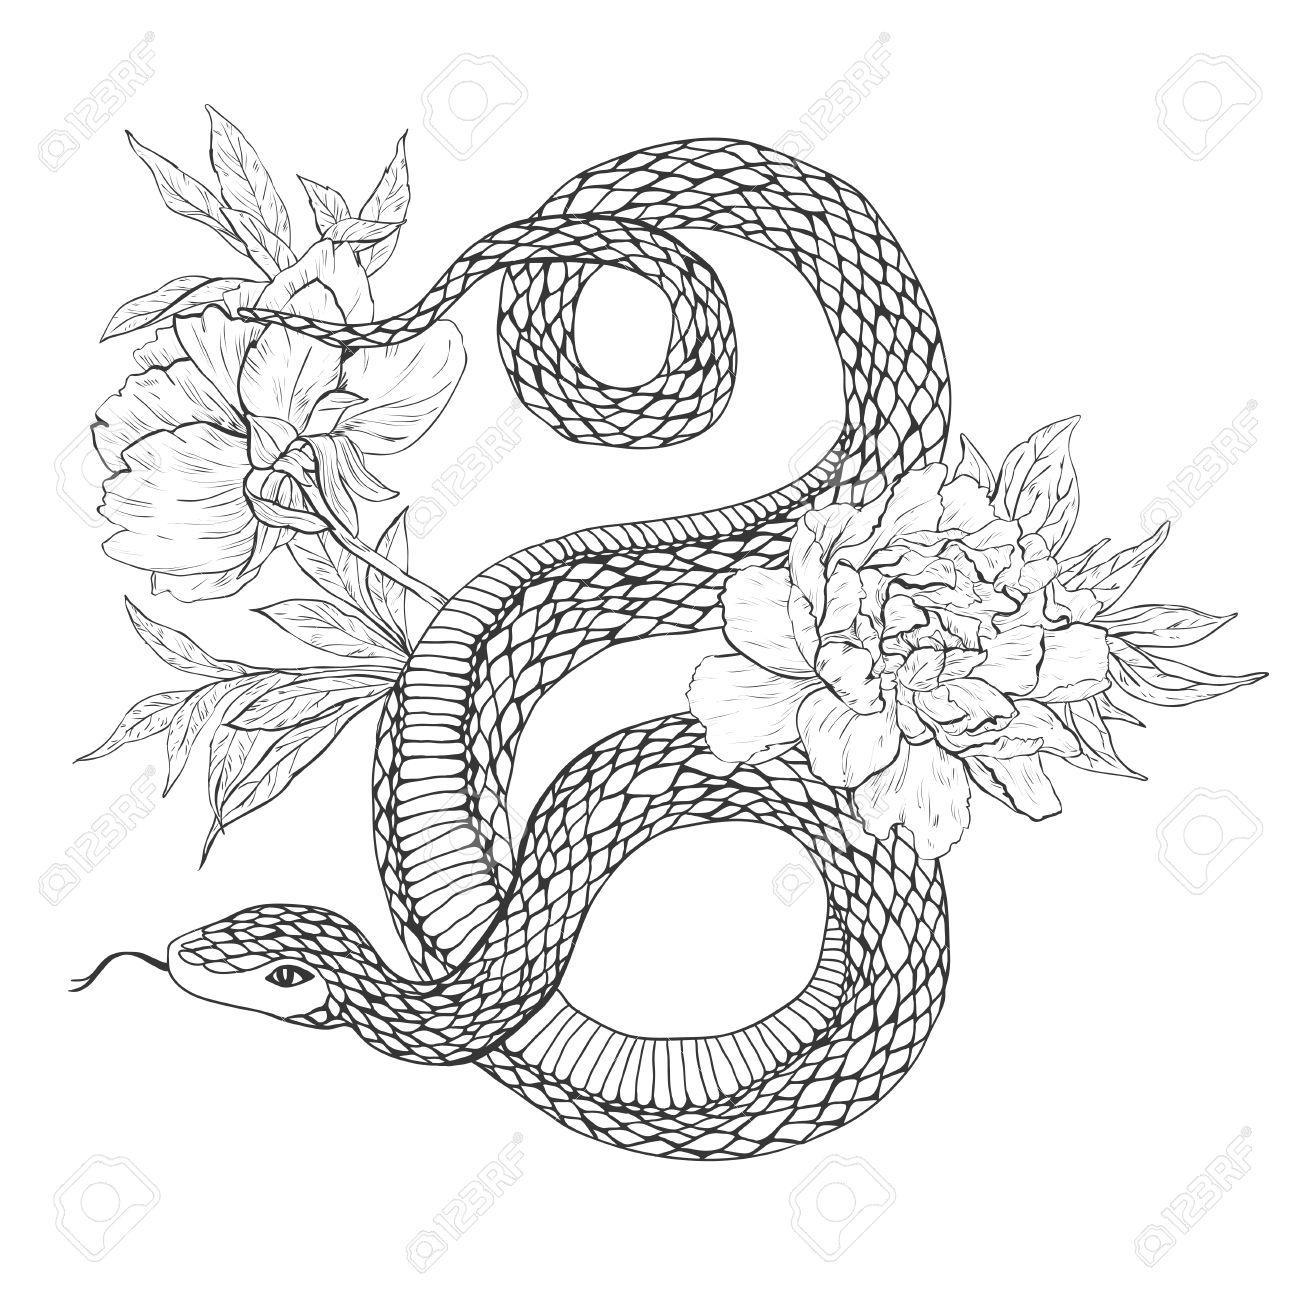 Dessin Tatouage Serpent les serpents et les fleurs. l'art du tatouage, livres à colorier